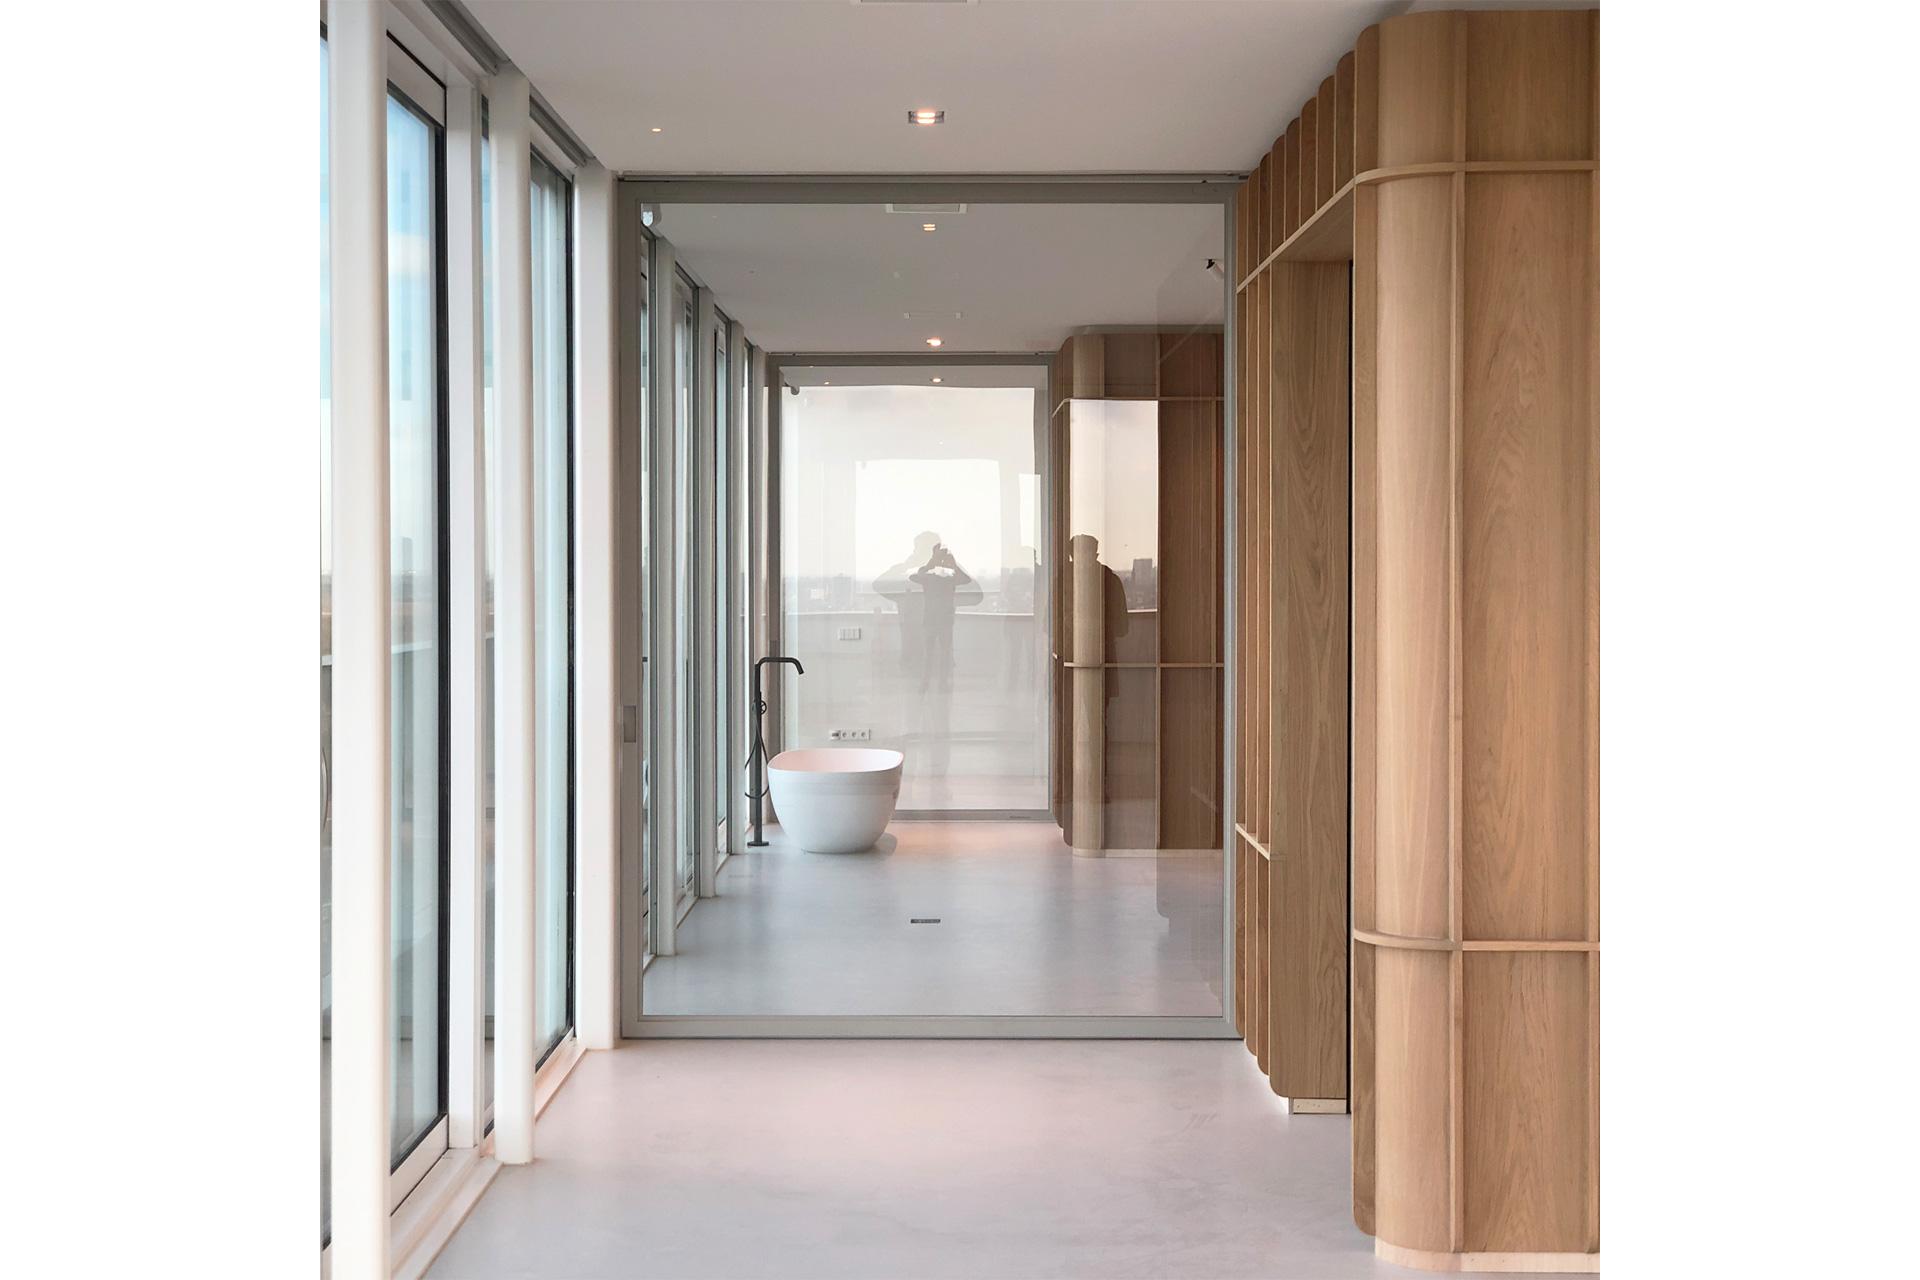 Bureau-Fraai_Penthouse-Oostduin_05